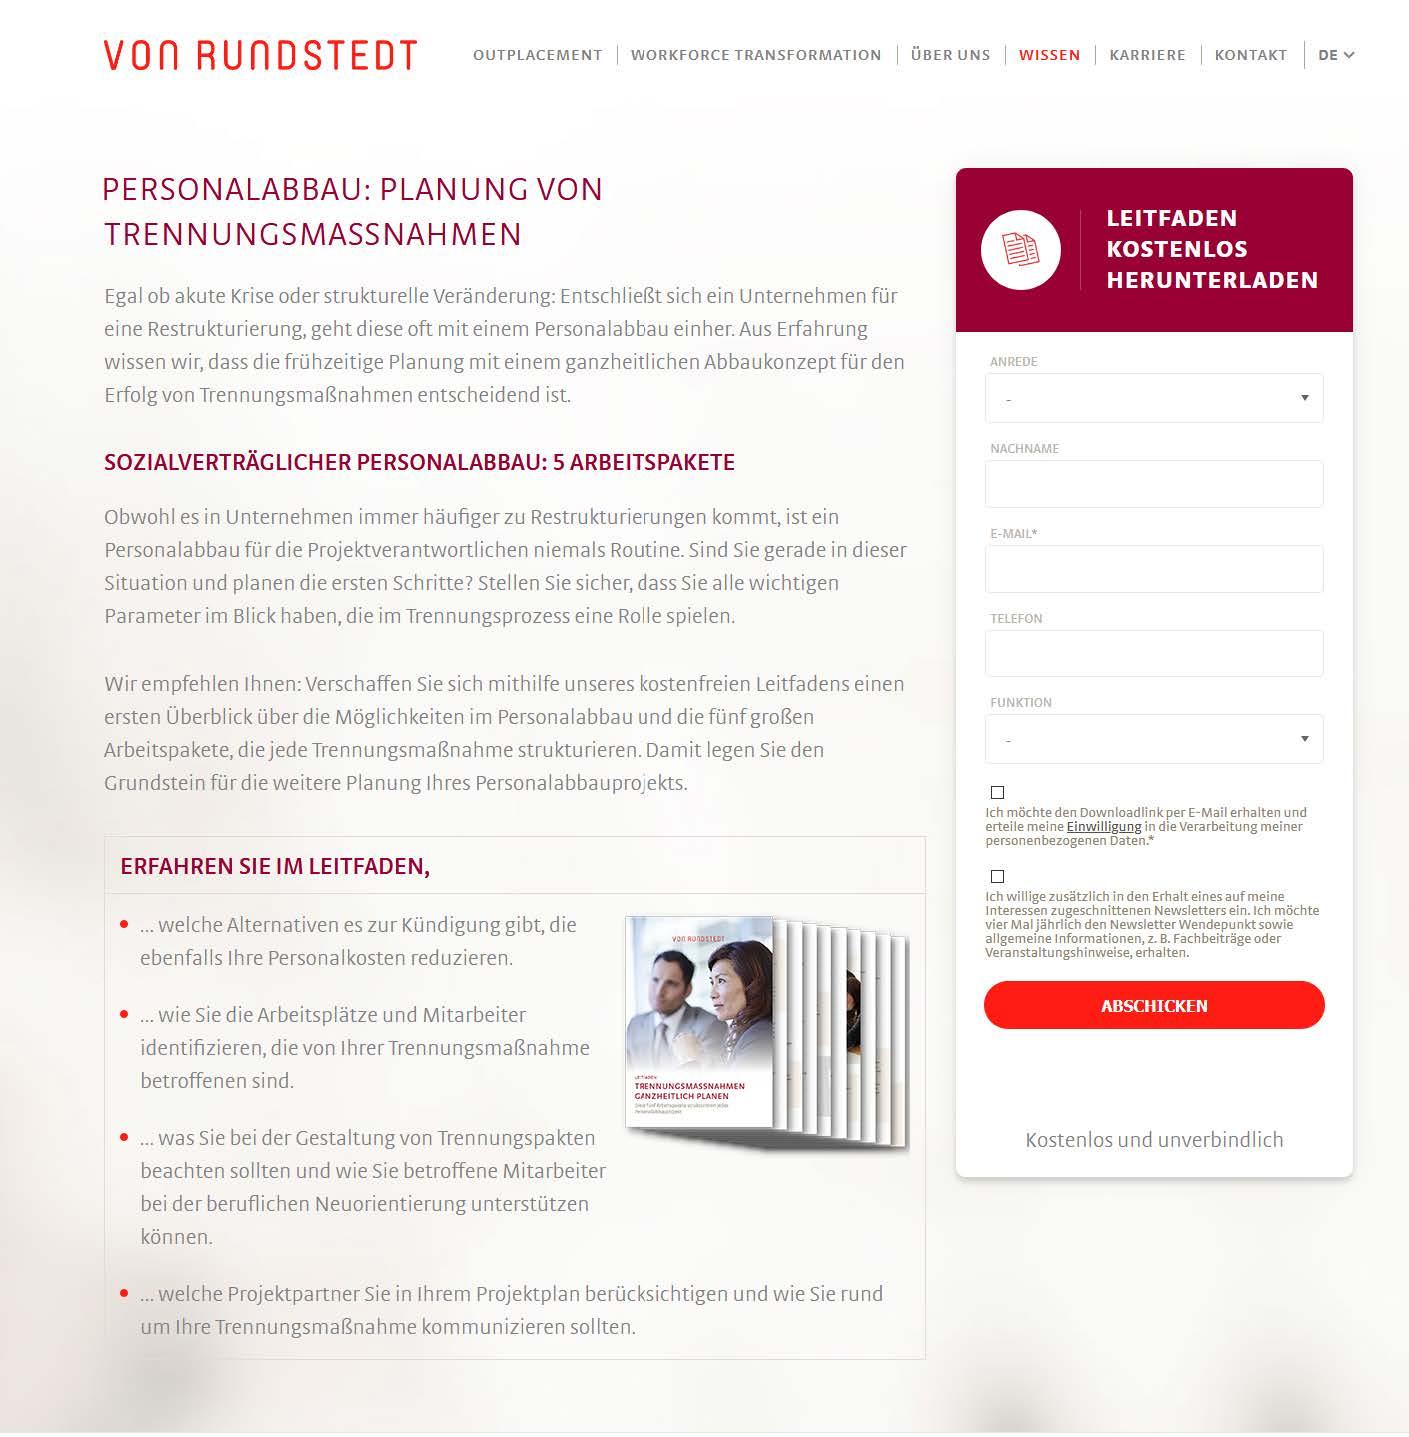 Web-Formular für Kontakte (Quelle: von Rundstedt)